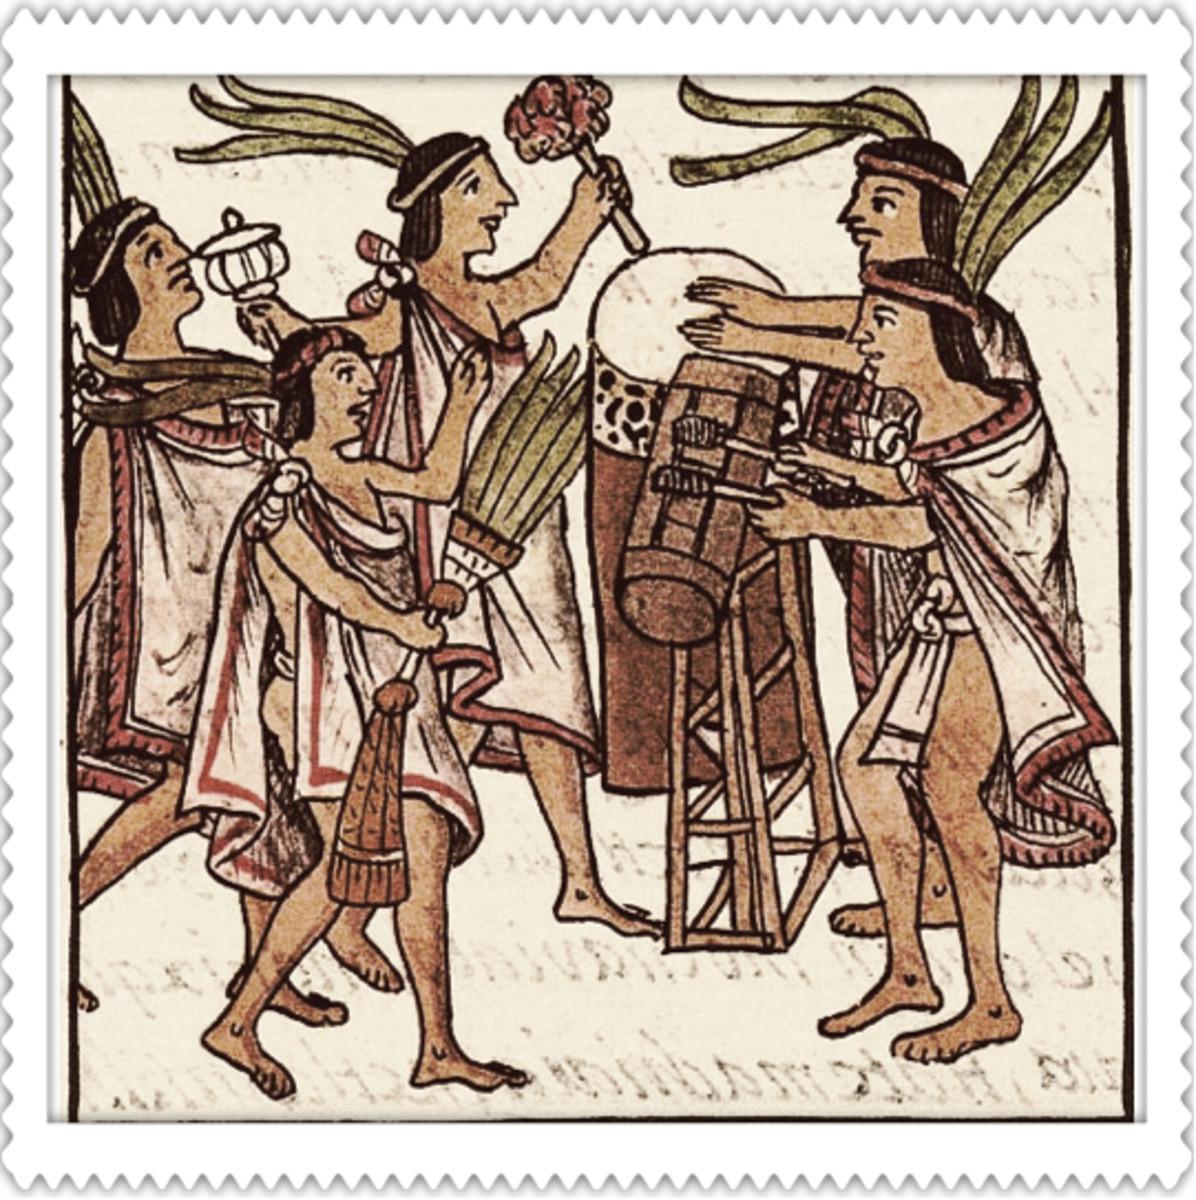 An Aztec Band